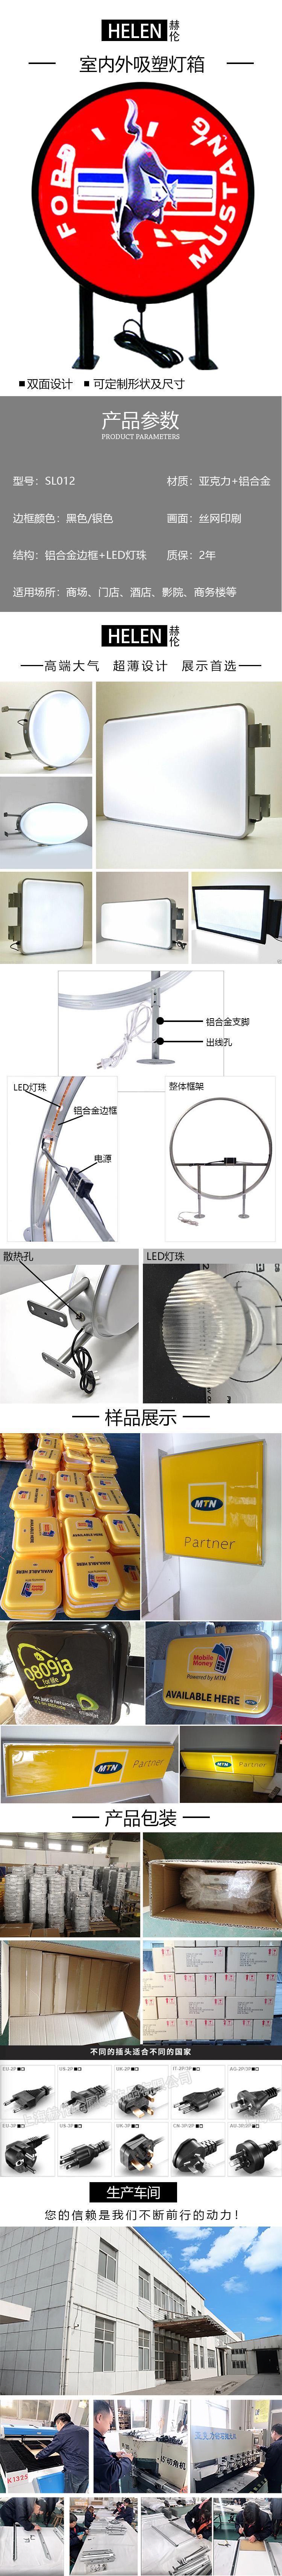 SL012中文